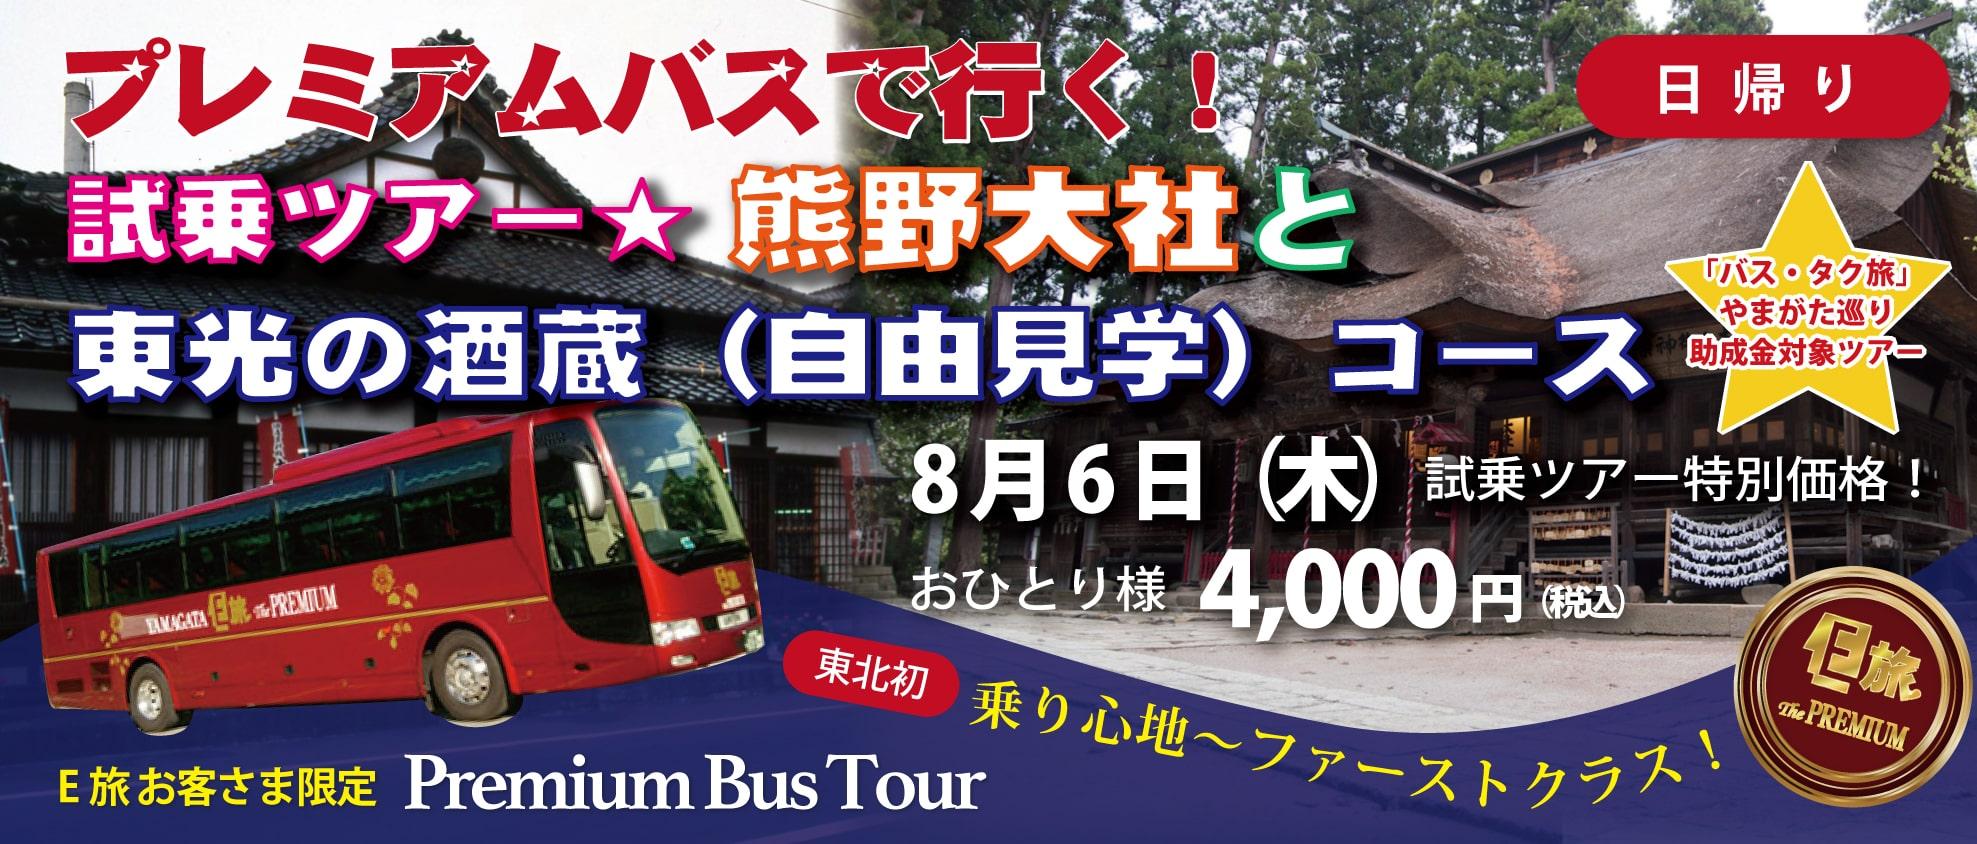 プレミアムバスで行く!試乗ツアー★〜熊野大社と東光の酒蔵(自由見学)コース〜